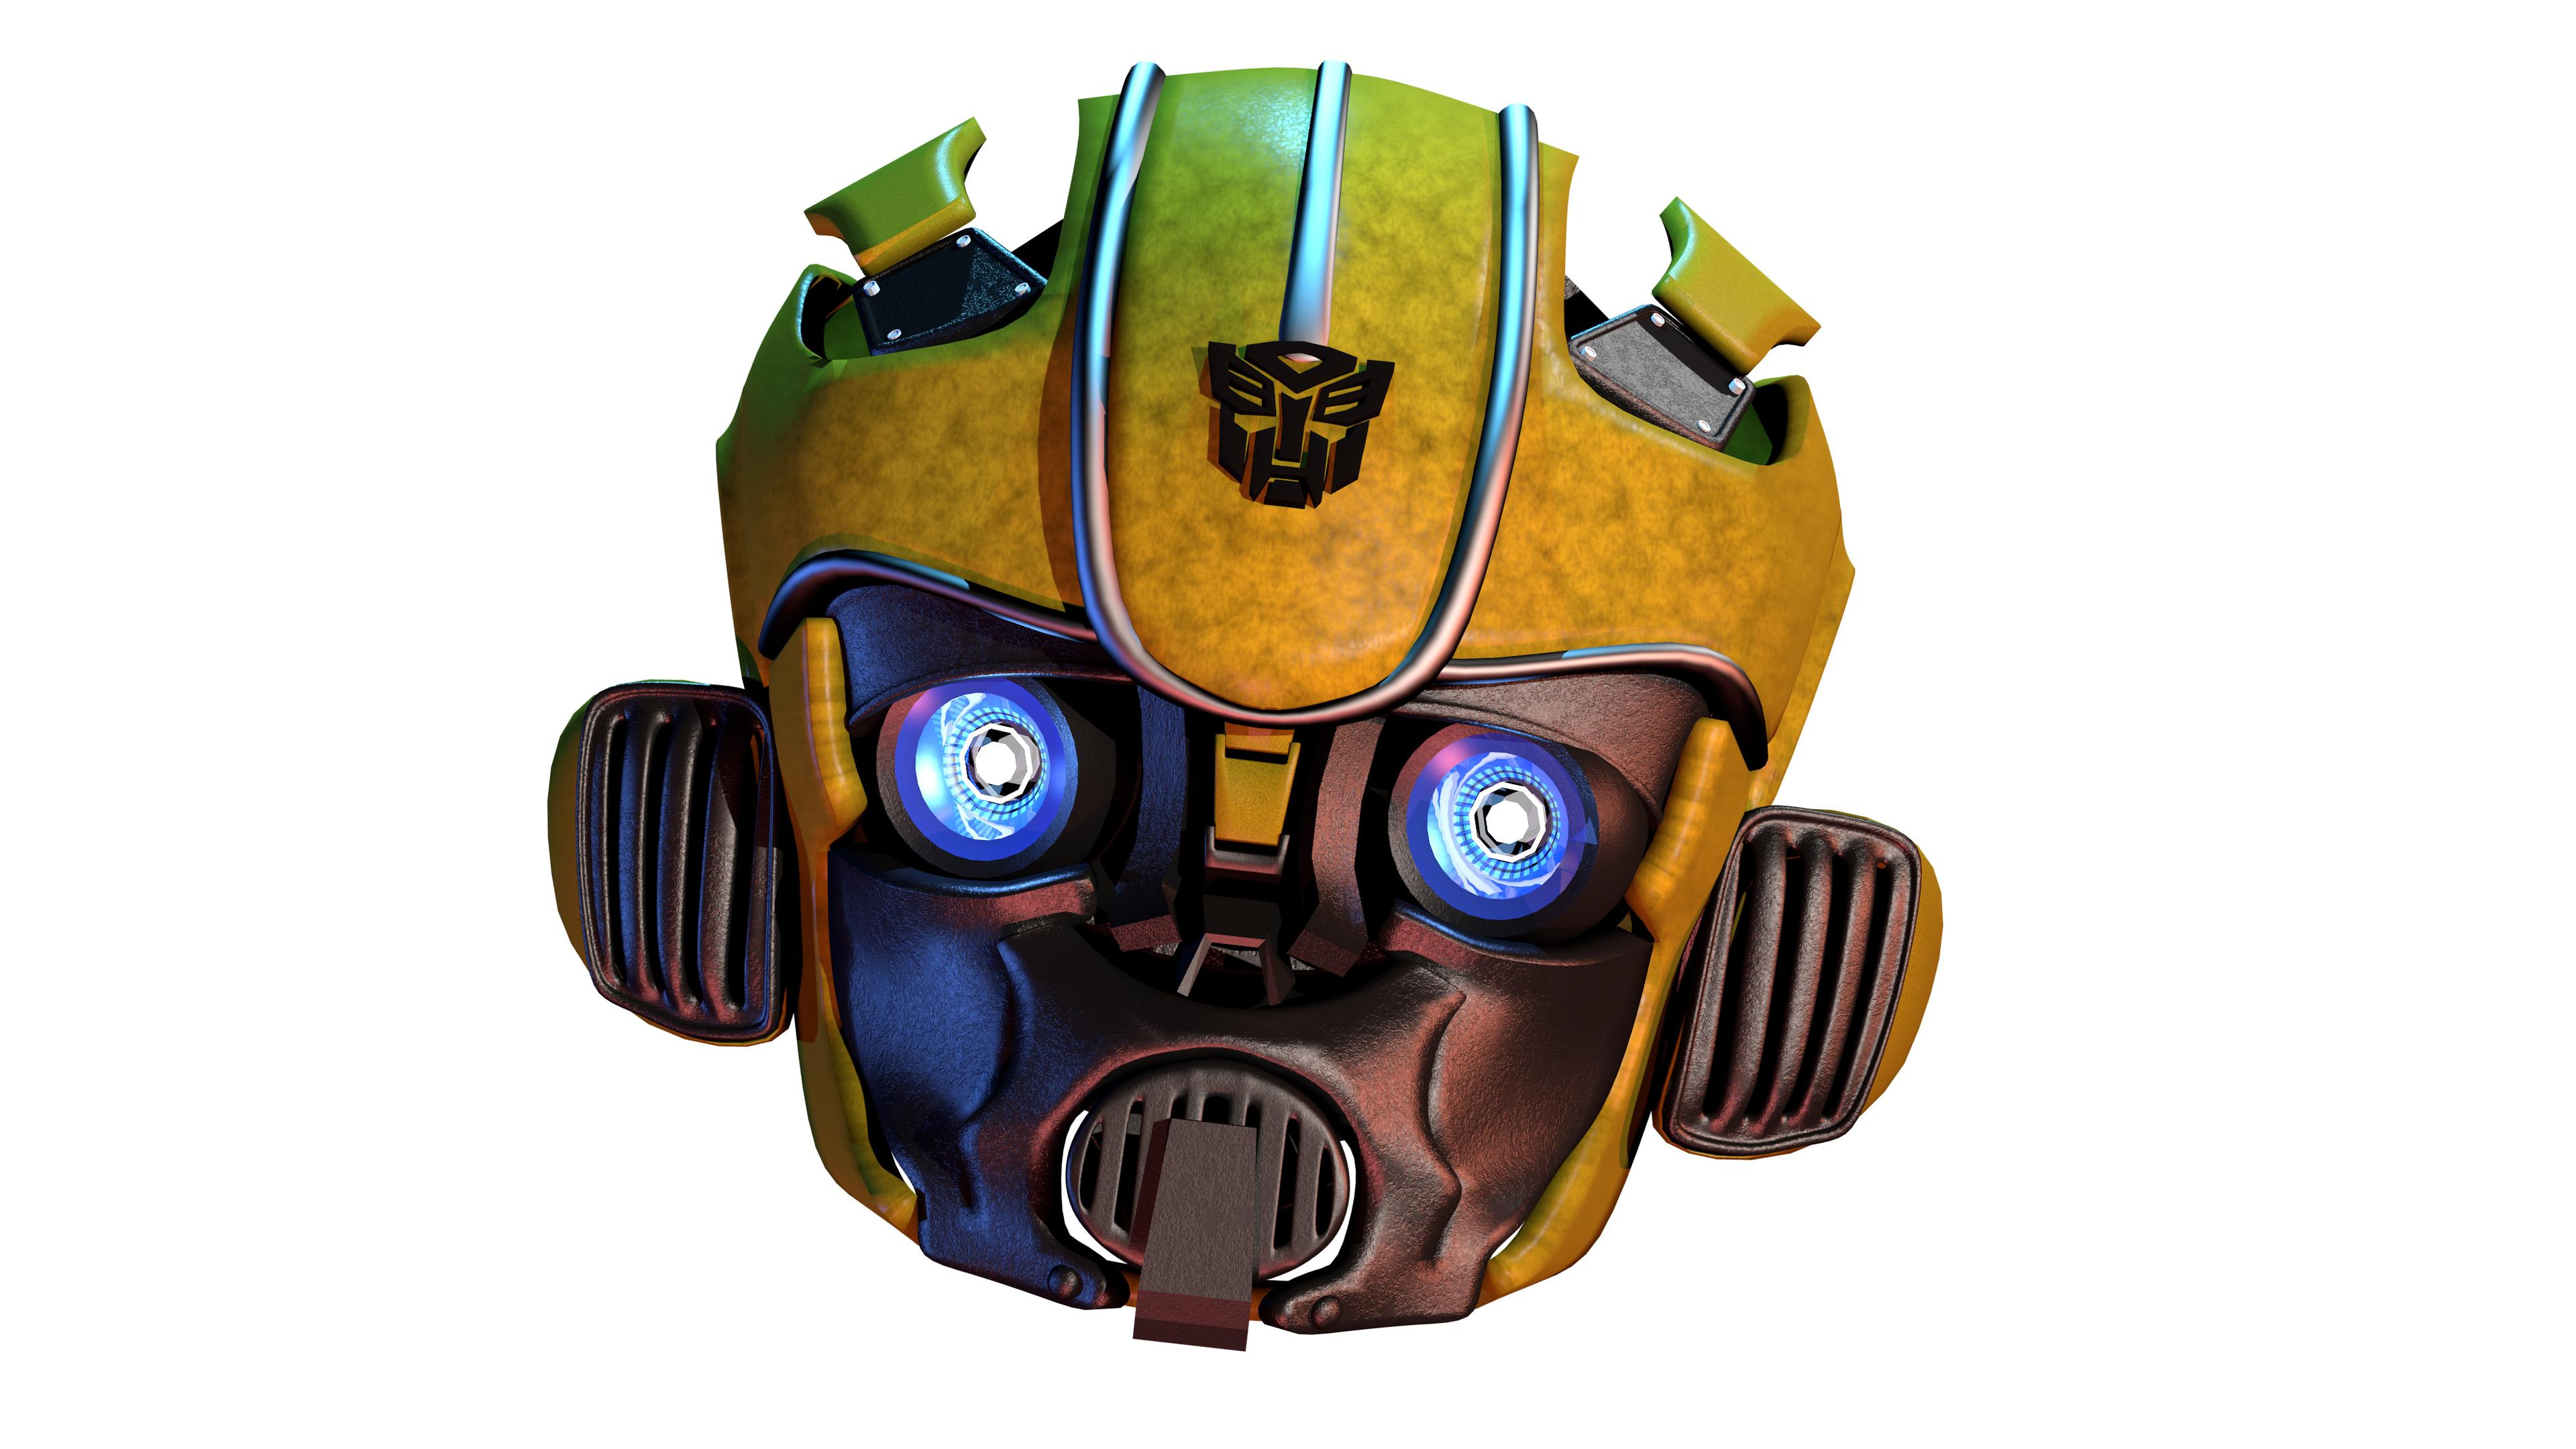 bumblebee closeup 4k 1539979681 - Bumblebee Closeup 4k - movies wallpapers, hd-wallpapers, bumblebee wallpapers, 4k-wallpapers, 2018-movies-wallpapers